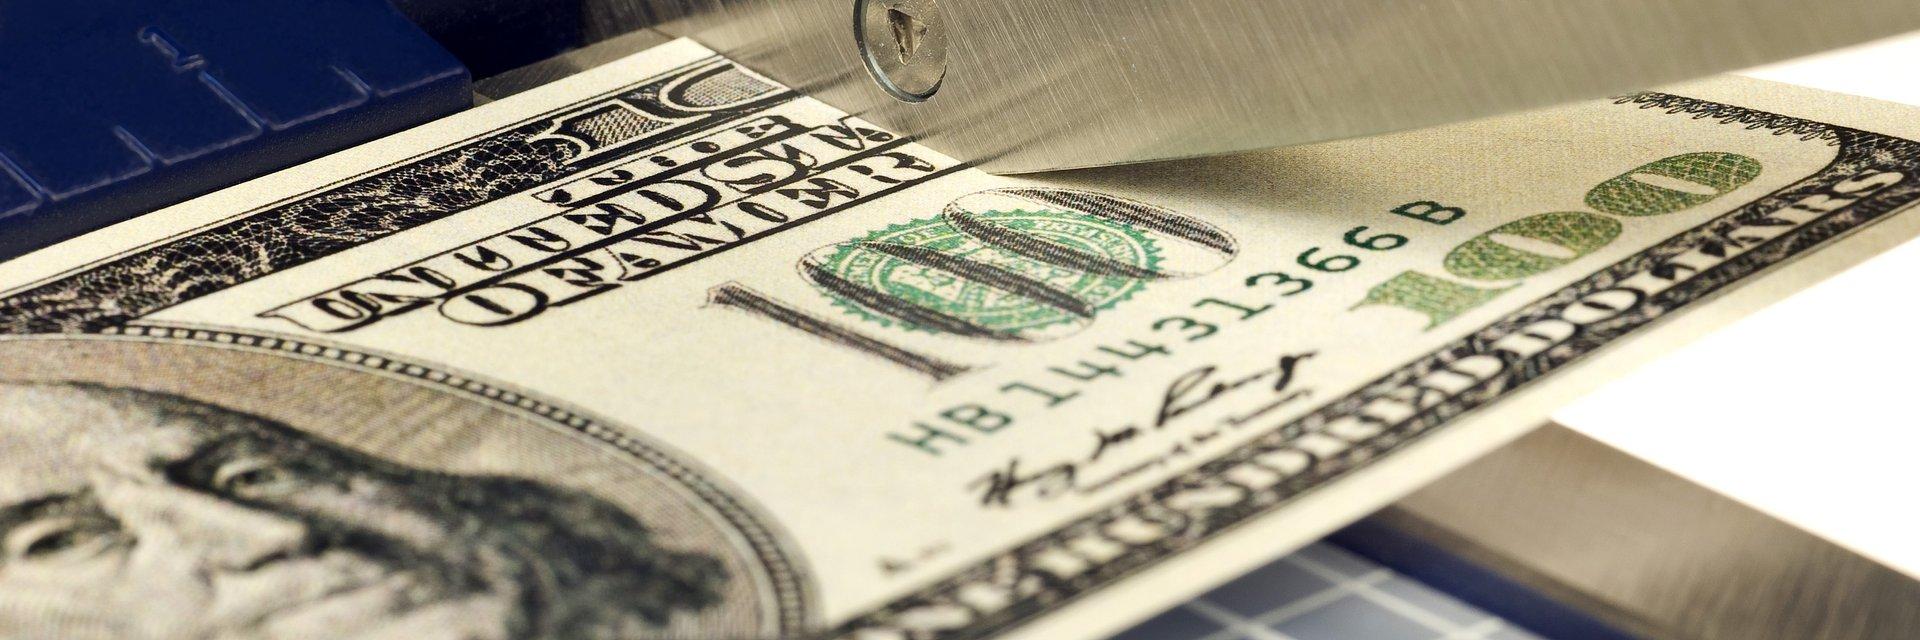 Inflacja bazowa PCE vs CPI: wszystko co chcielibyście wiedzieć, ale nie chce Wam się szukać